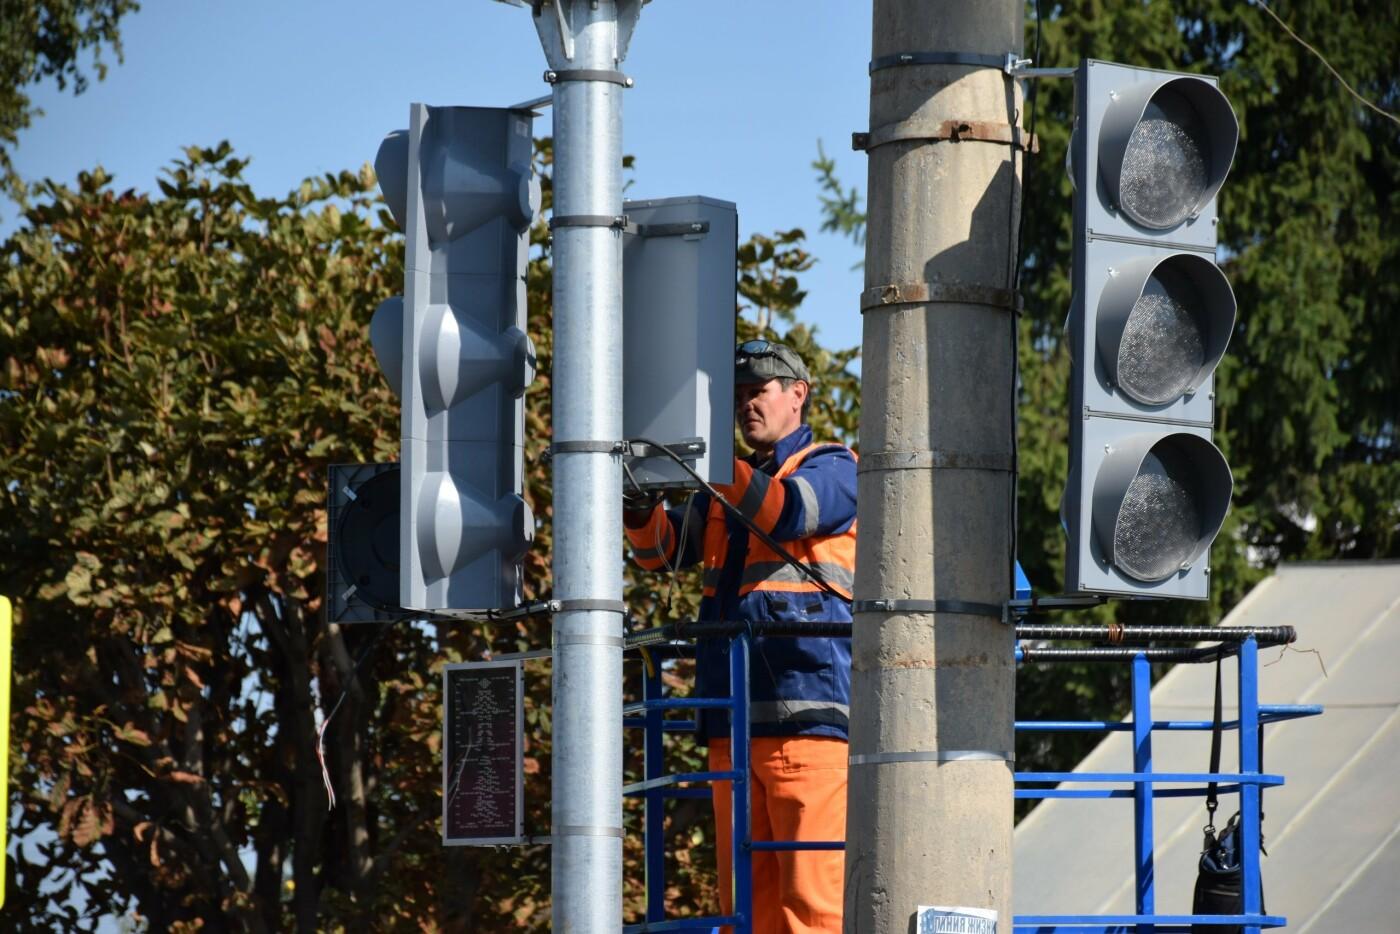 В Тамбове на улице Авиационной устанавливают новый светофор, фото-2